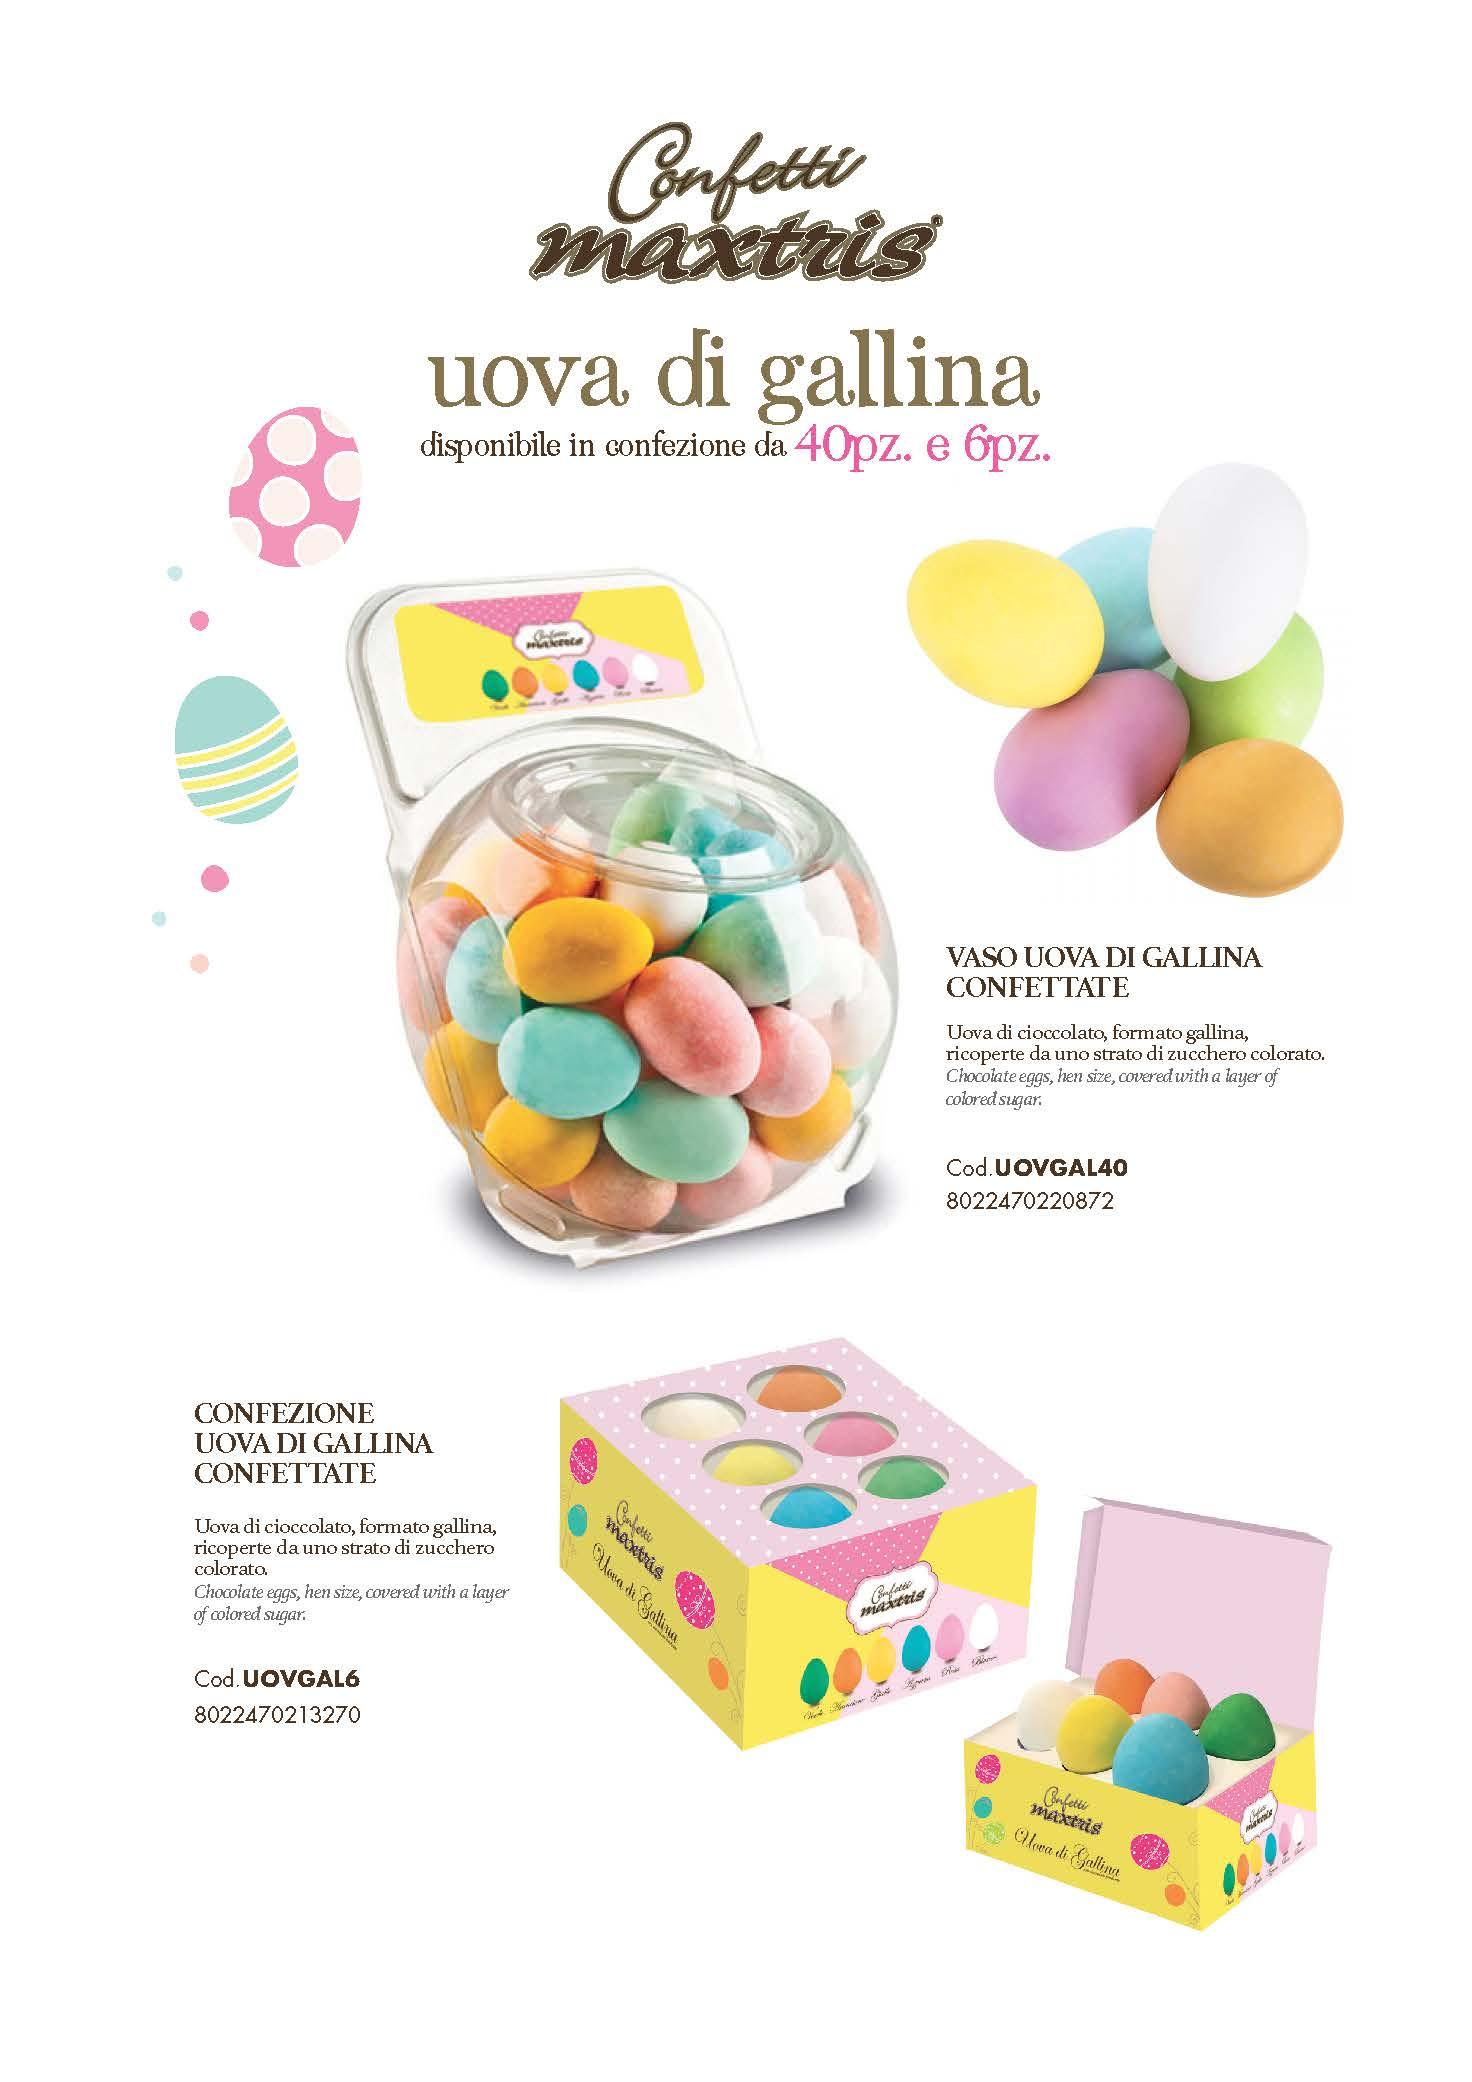 CatalogoPasqua2020-VERT_Pagina_11